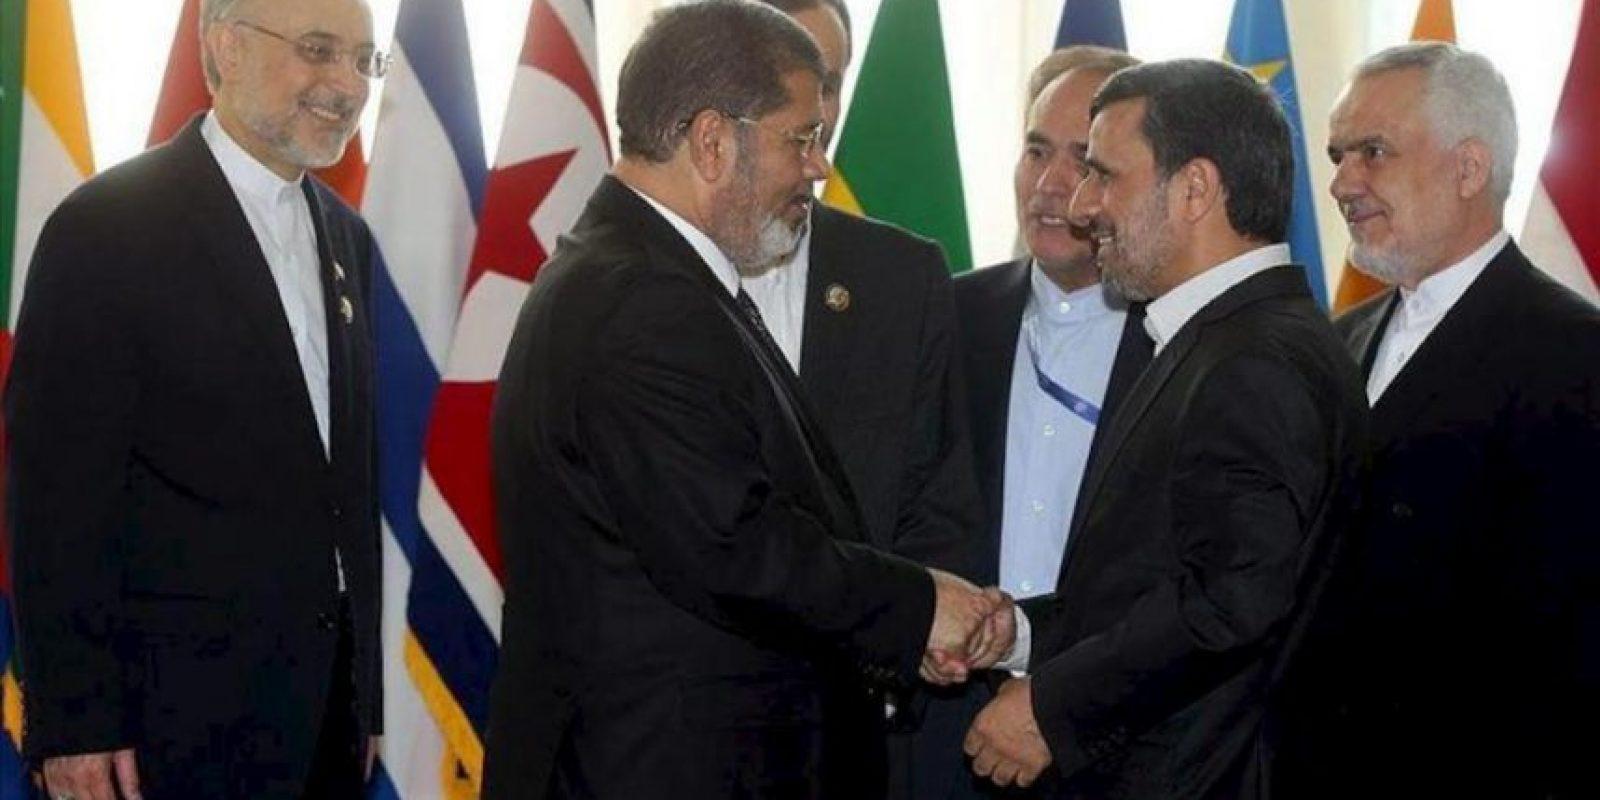 Imagen distribuida por la página web oficial del líder supremo iraní, ayatolá Ali Jamenei, del presidente iraní, Mahmoud Ahmadineyad (2º der), saludando al presidente egipcio, Mohamed Mursi (2º izq), durante la ceremonia de apertura de la 16ª Cumbre de los No Alineados, en Teherán, Irán. EFE